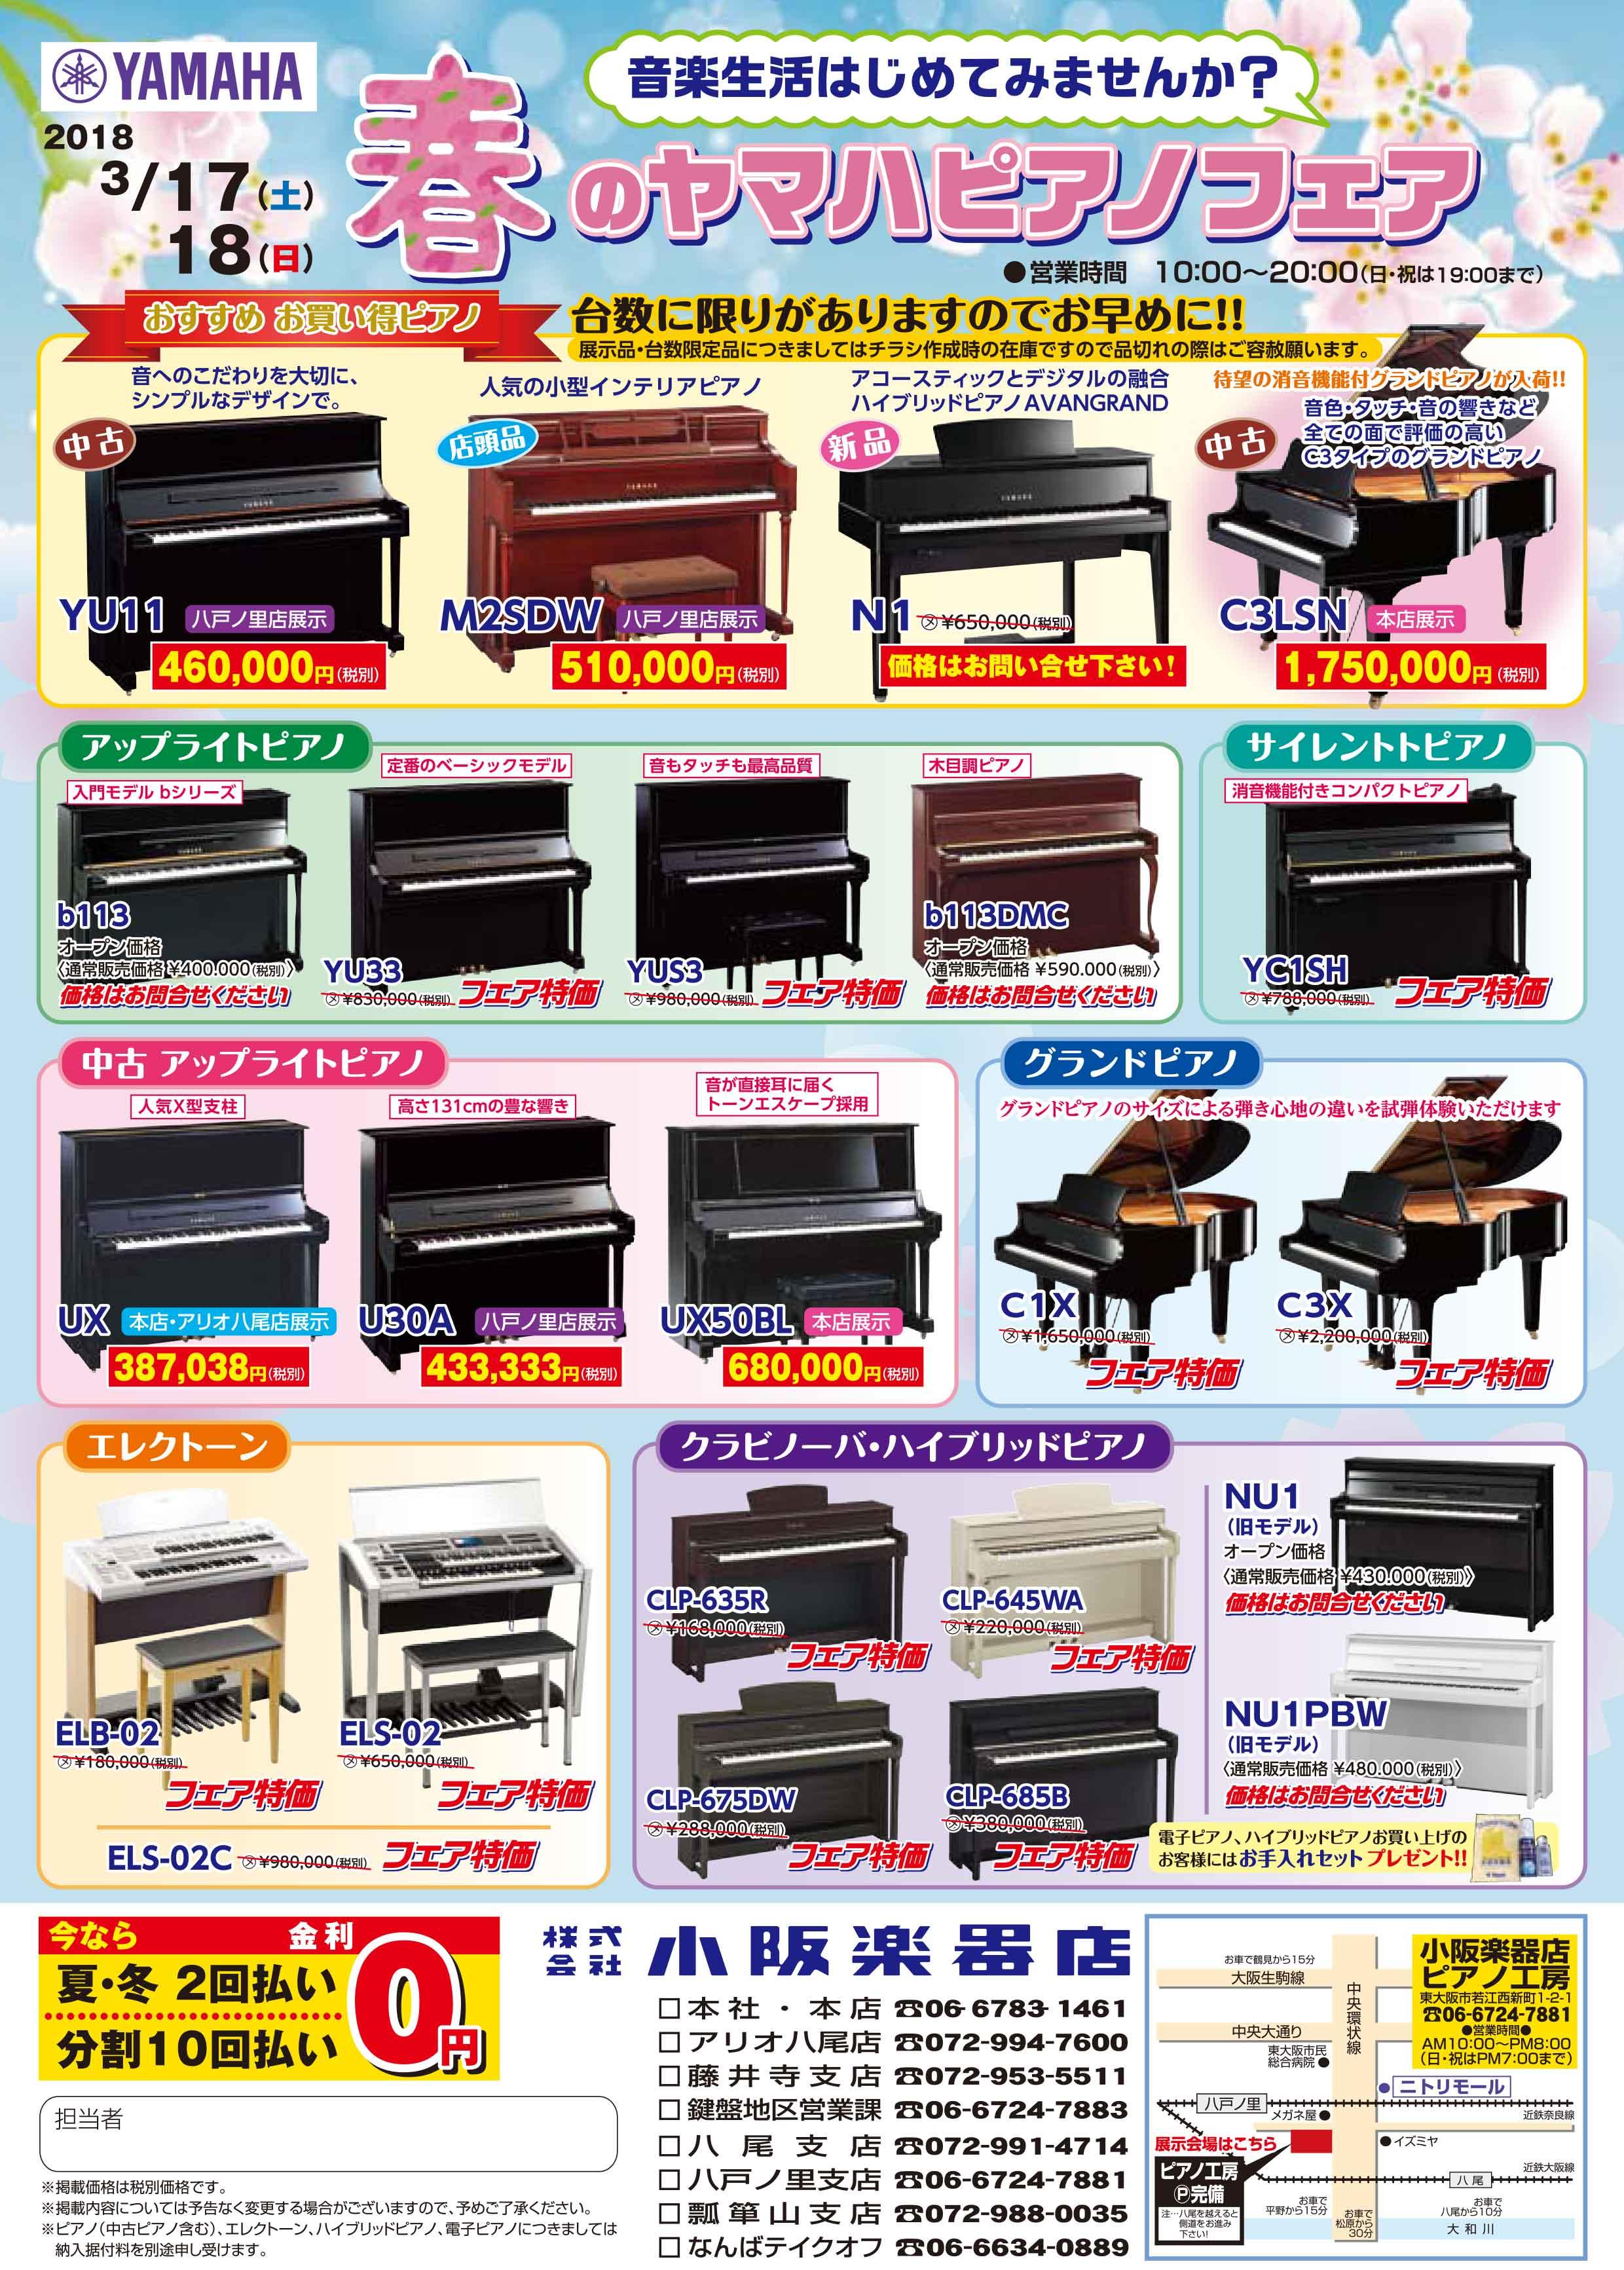 ヤマハピアノフェア